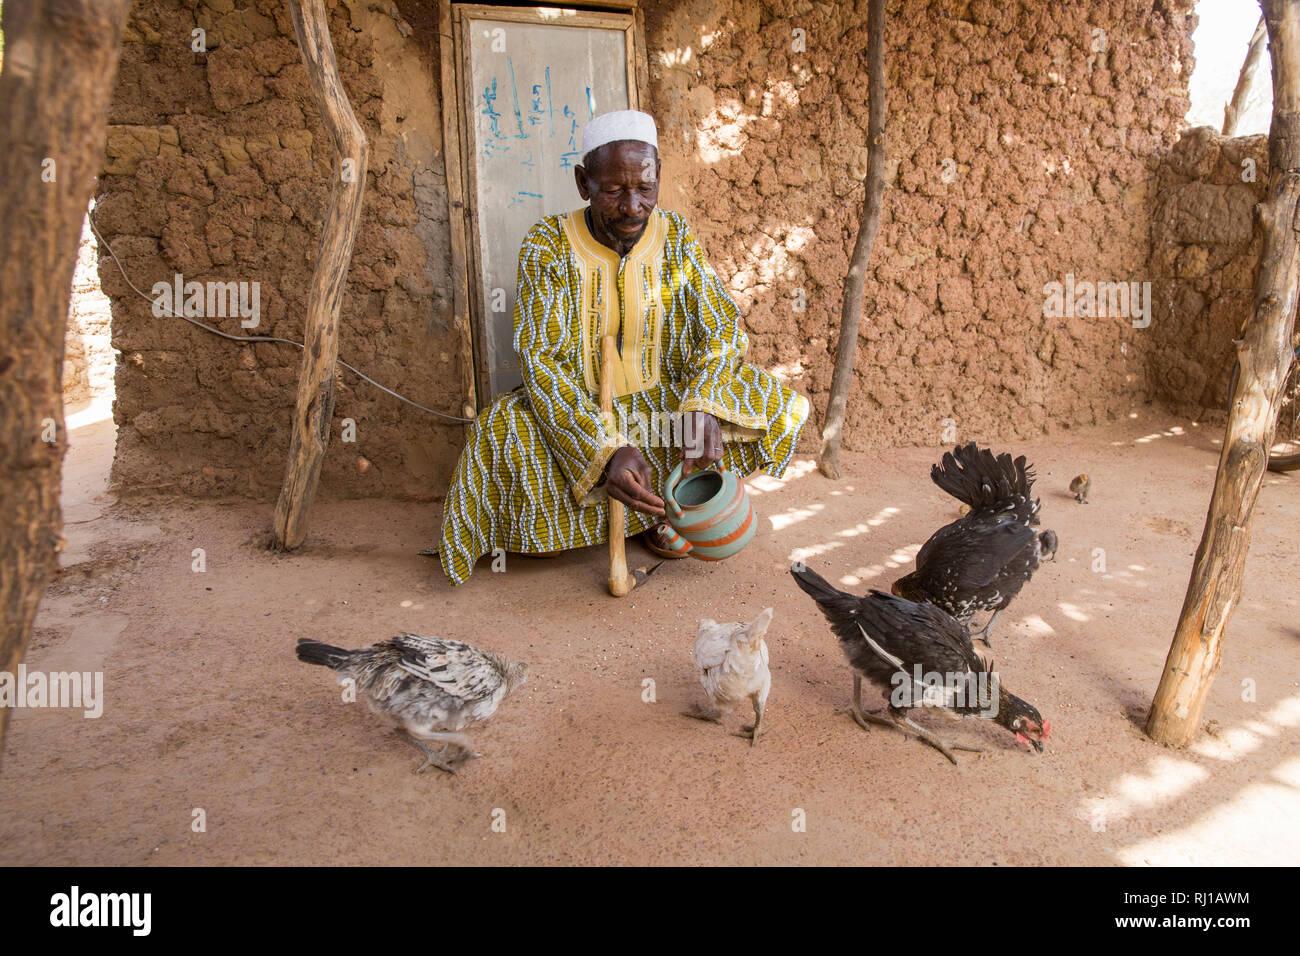 Kourono village, Yako province, Burkina Faso; Moussa Mande's father feeding poultry. Stock Photo